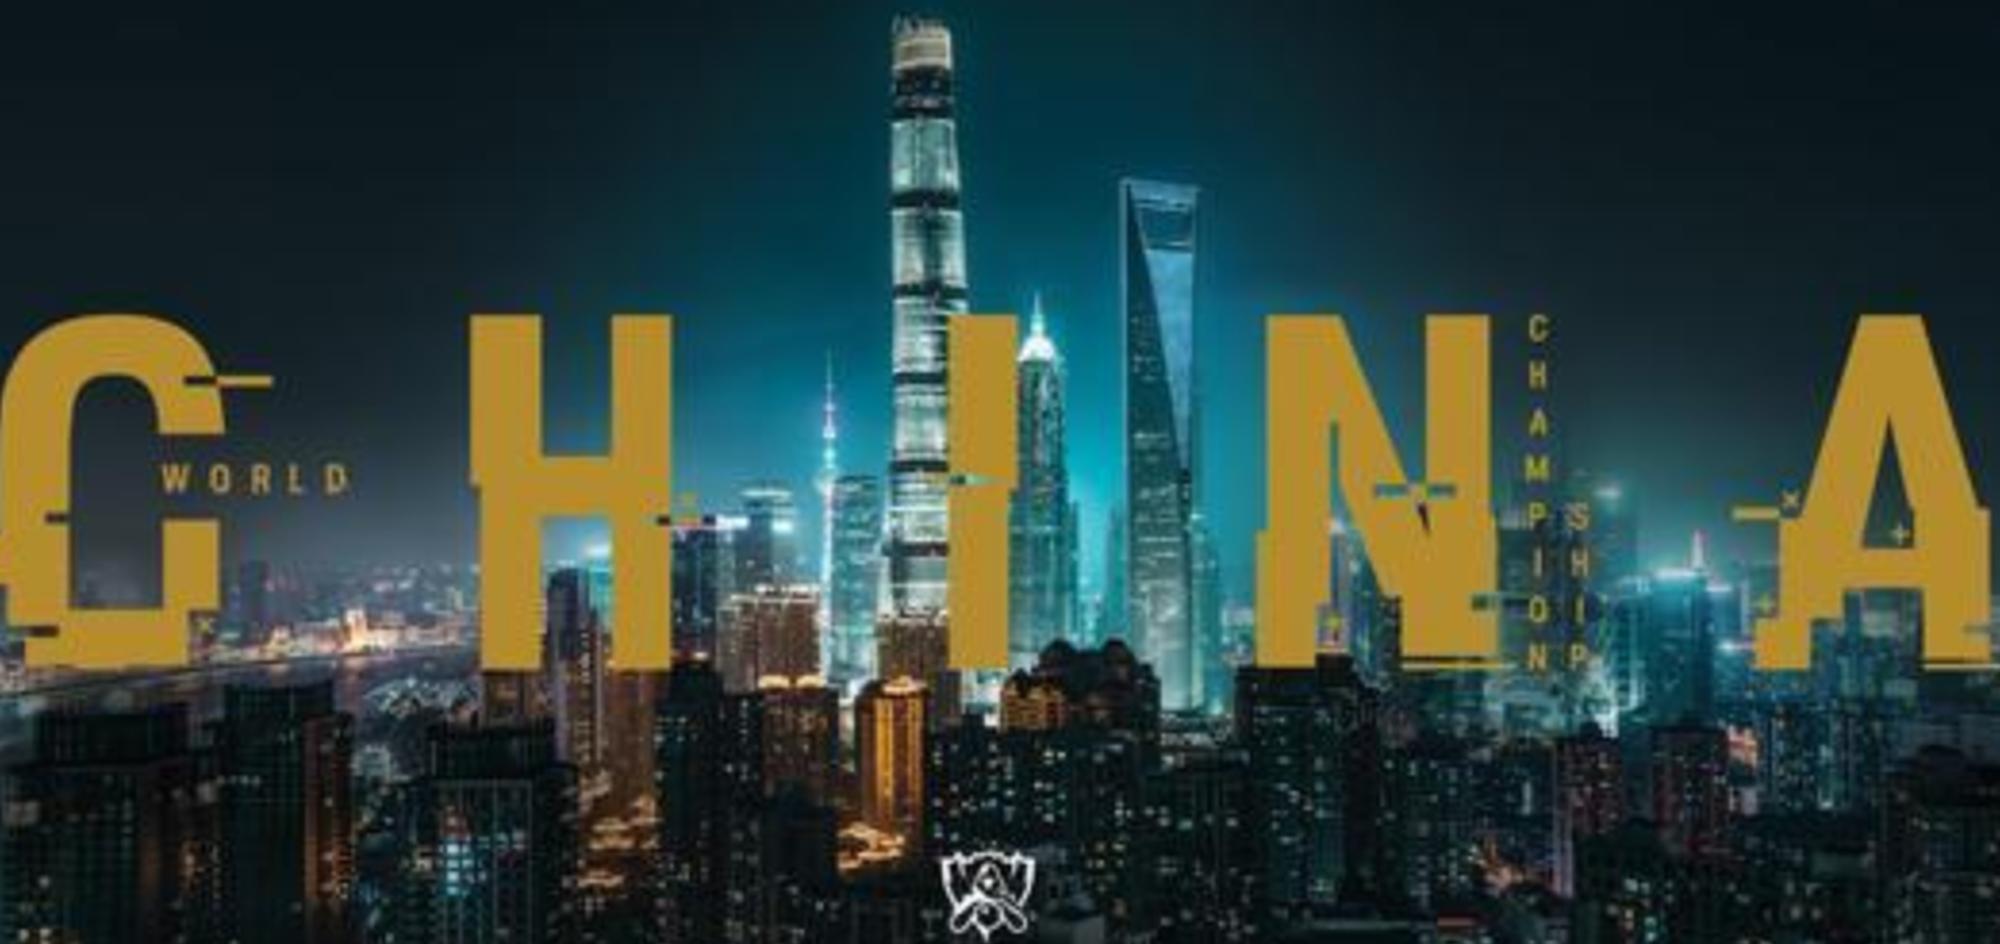 英雄联盟S10总决赛在沪如期举办 背后离不开这些上海努力